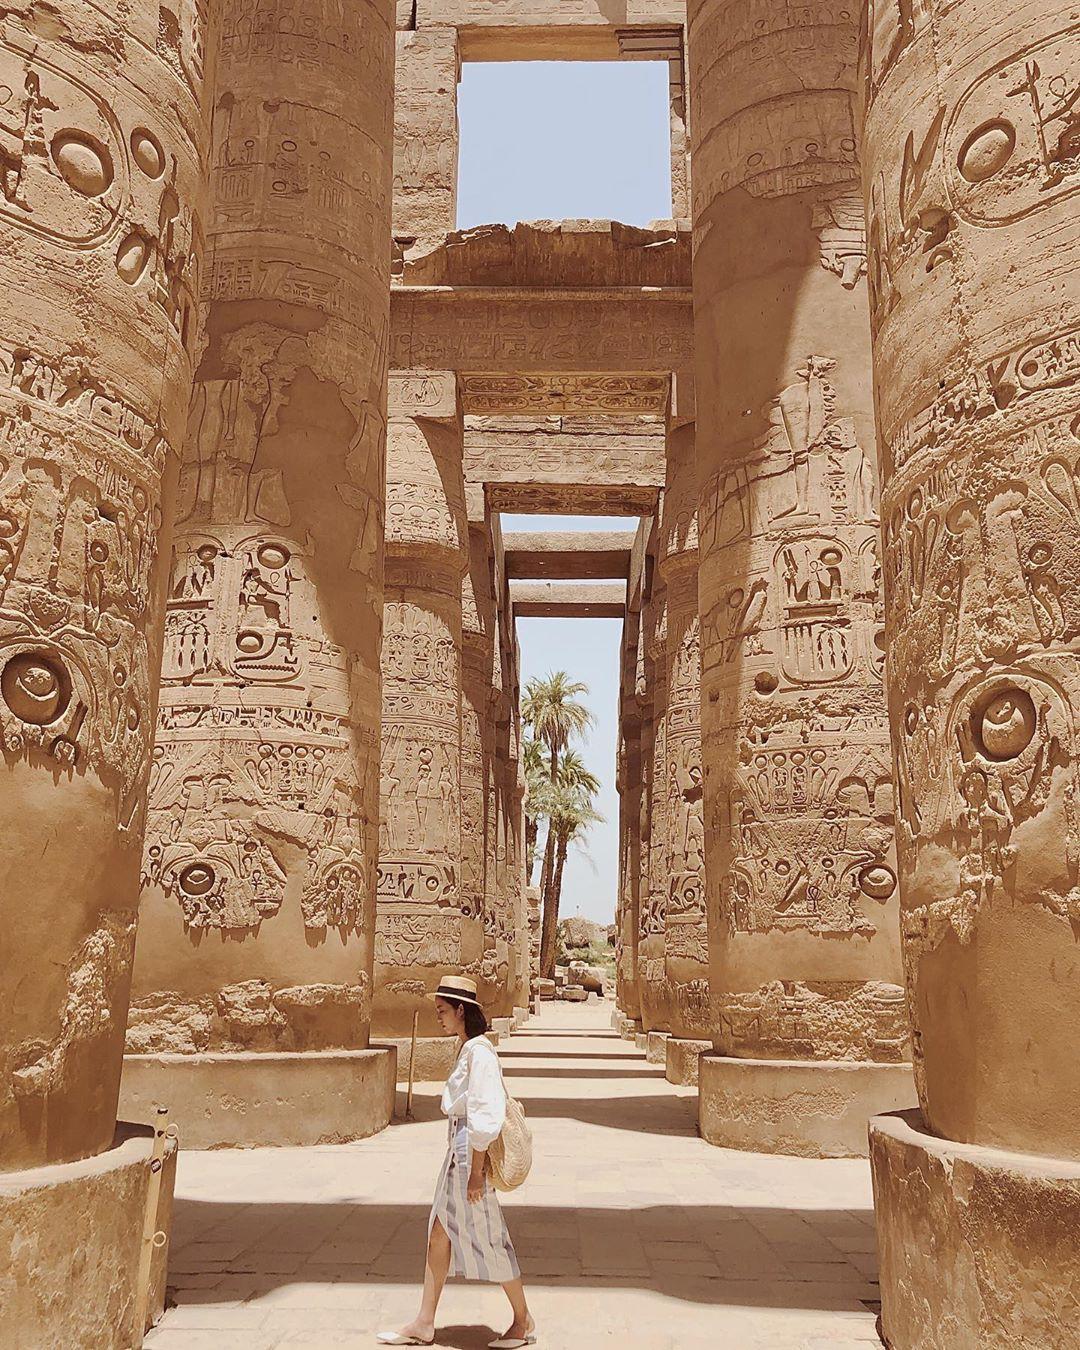 Đền Karnak: Bảo tàng ngoài trời lớn nhất thế giới, khiến giới blogger du lịch mê mẩn khi đặt chân đến Ai Cập - Ảnh 13.